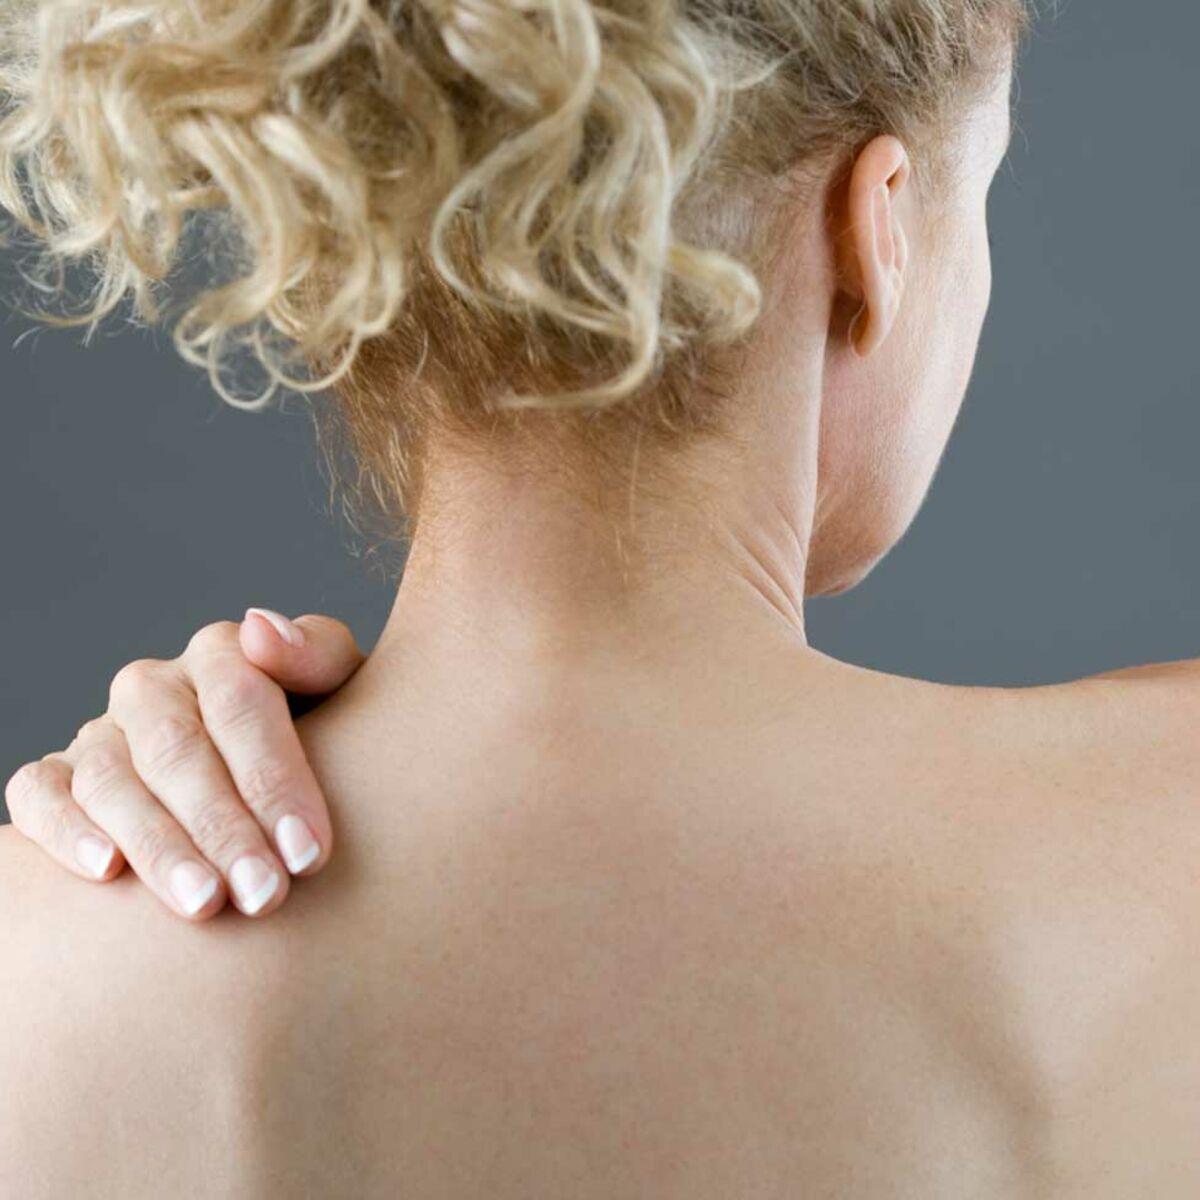 Cum se tratează crăpăturile articulațiilor - Toate fisurile articulare provoacă tratament